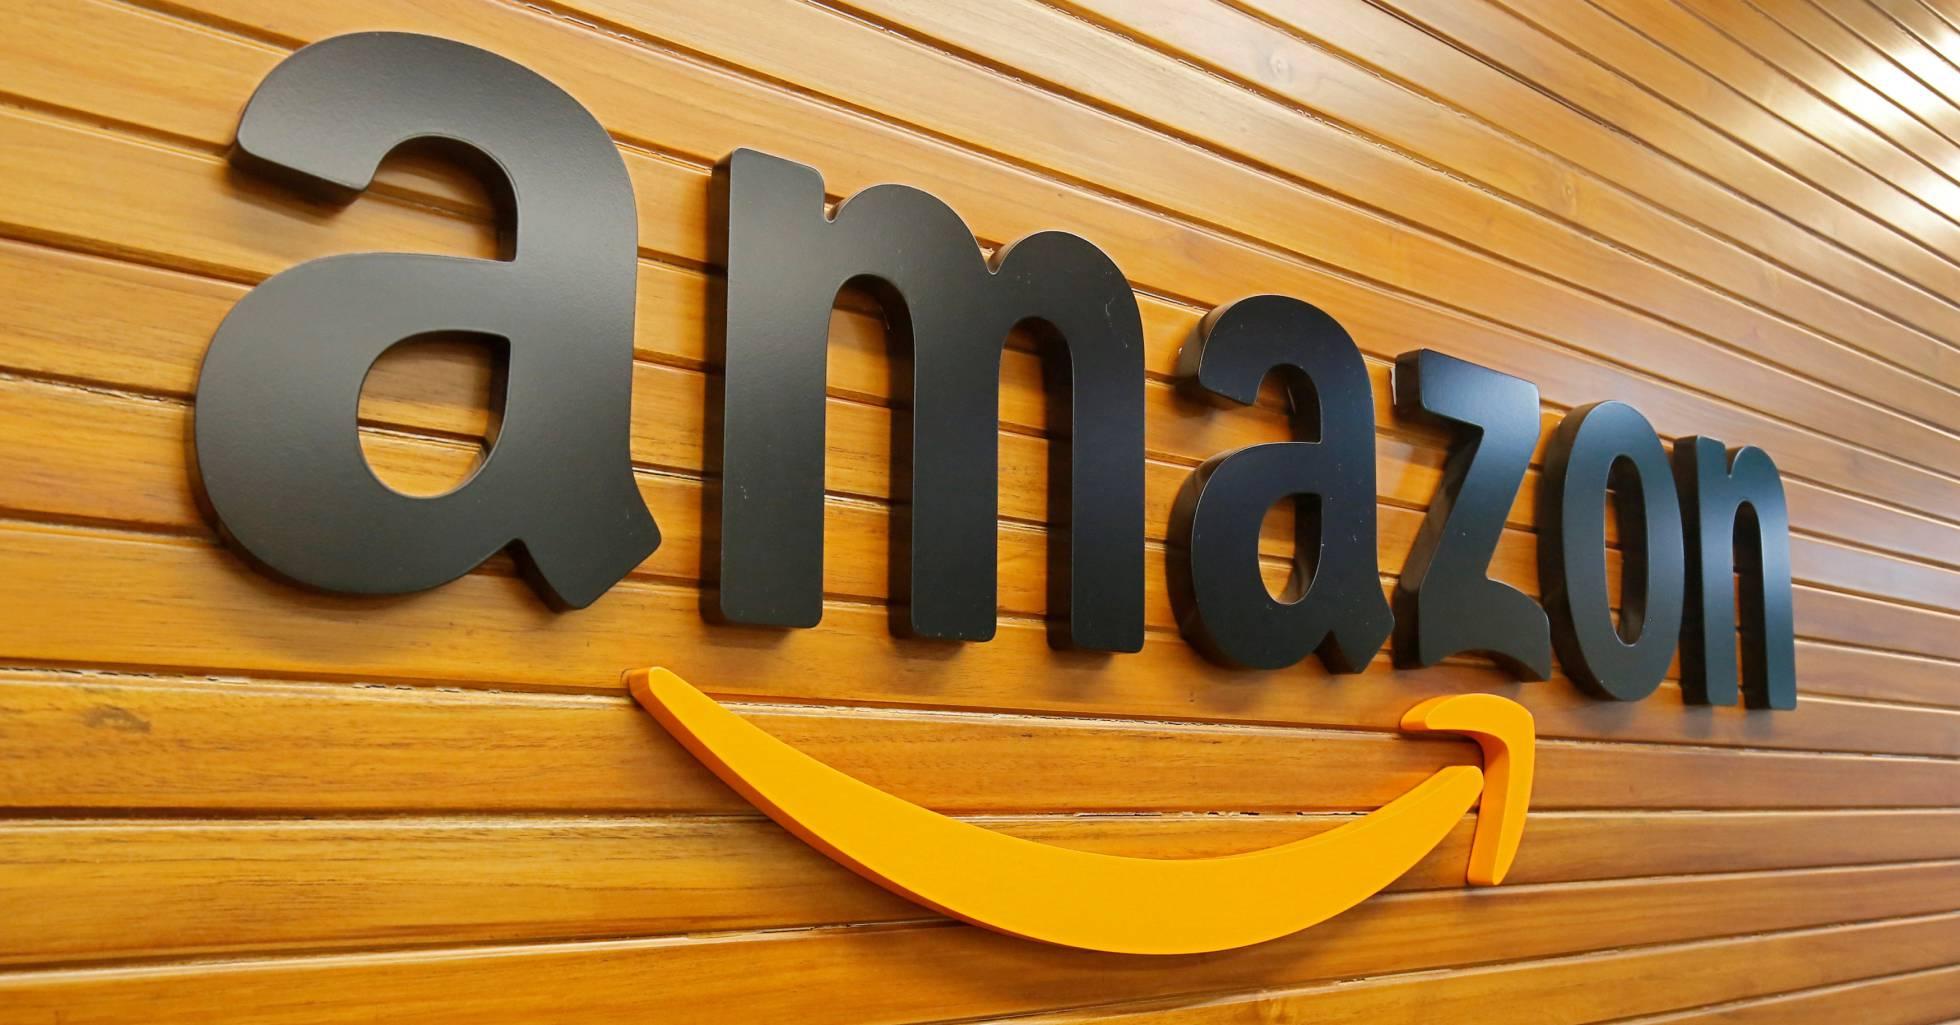 Amazon triplicó su beneficio en 2018 tras un nuevo trimestre récord